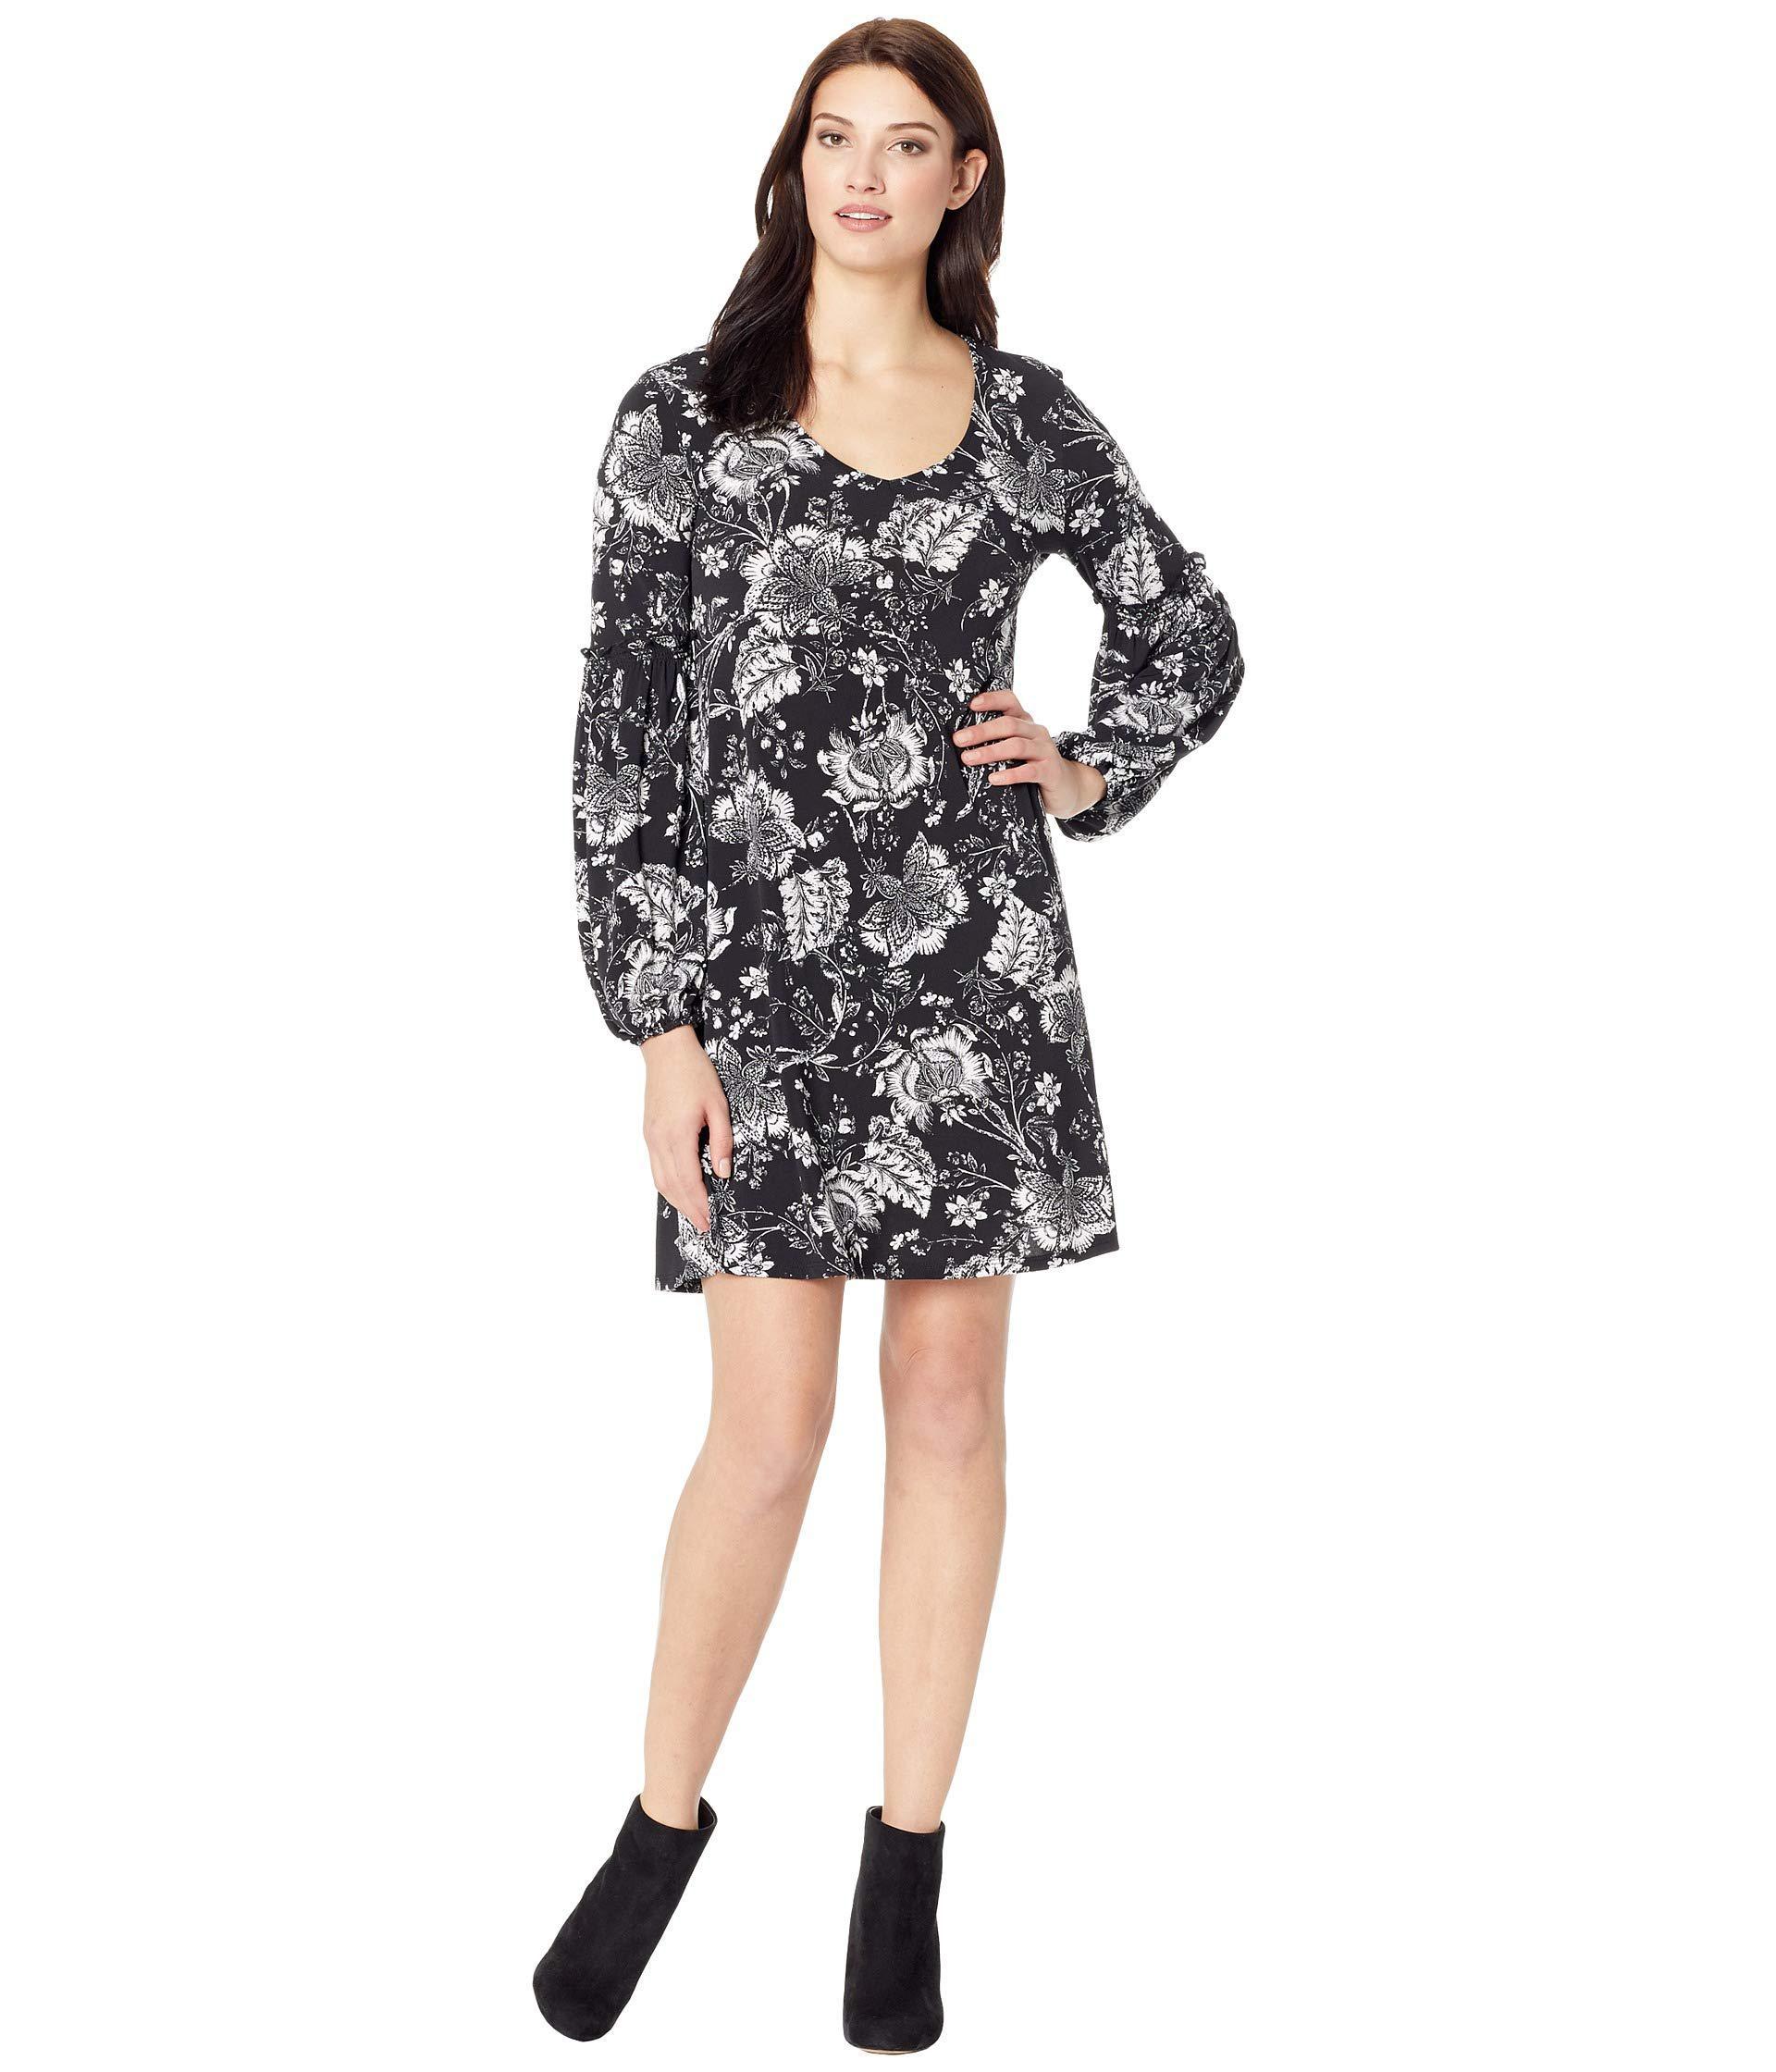 9c0b3347bfc Lyst - Karen Kane Smocked Sleeve Dress in Black - Save 35%